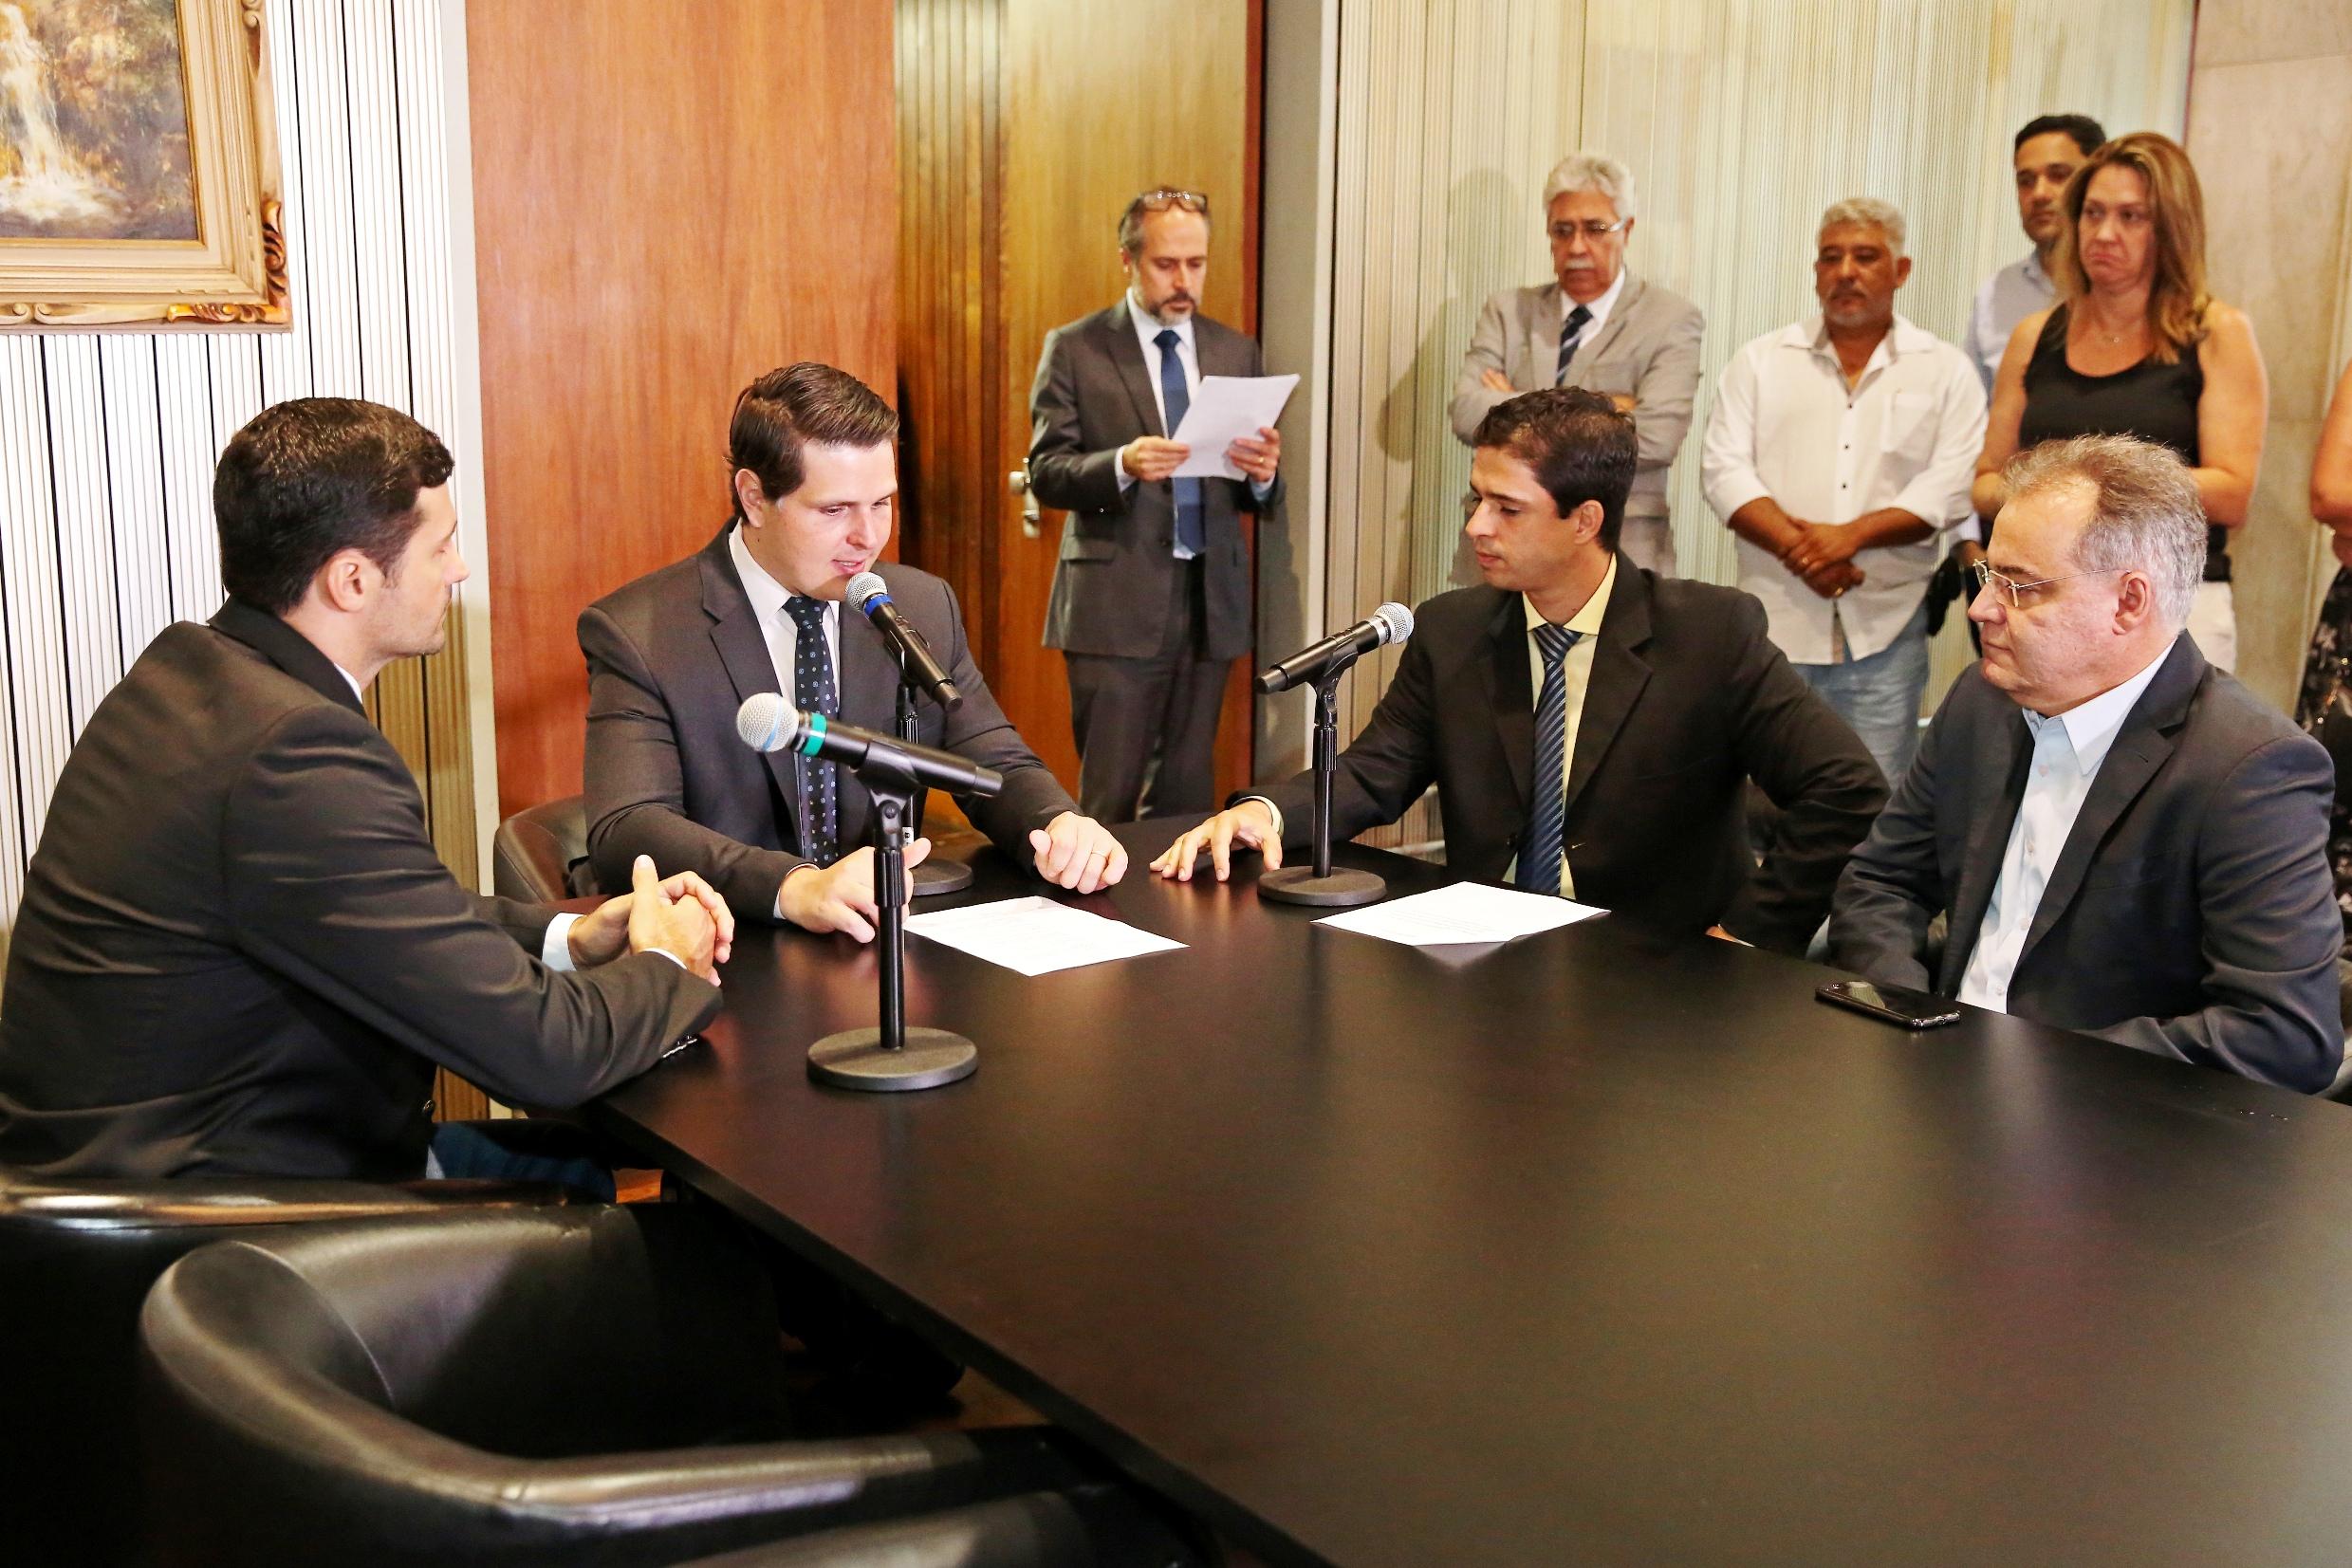 Cássio Navarro, Cauê Macris, Antonio Carlos da Silva Jr. e Samuel Moreira<a style='float:right' href='https://www3.al.sp.gov.br/repositorio/noticia/N-01-2019/fg229119.jpg' target=_blank><img src='/_img/material-file-download-white.png' width='14px' alt='Clique para baixar a imagem'></a>